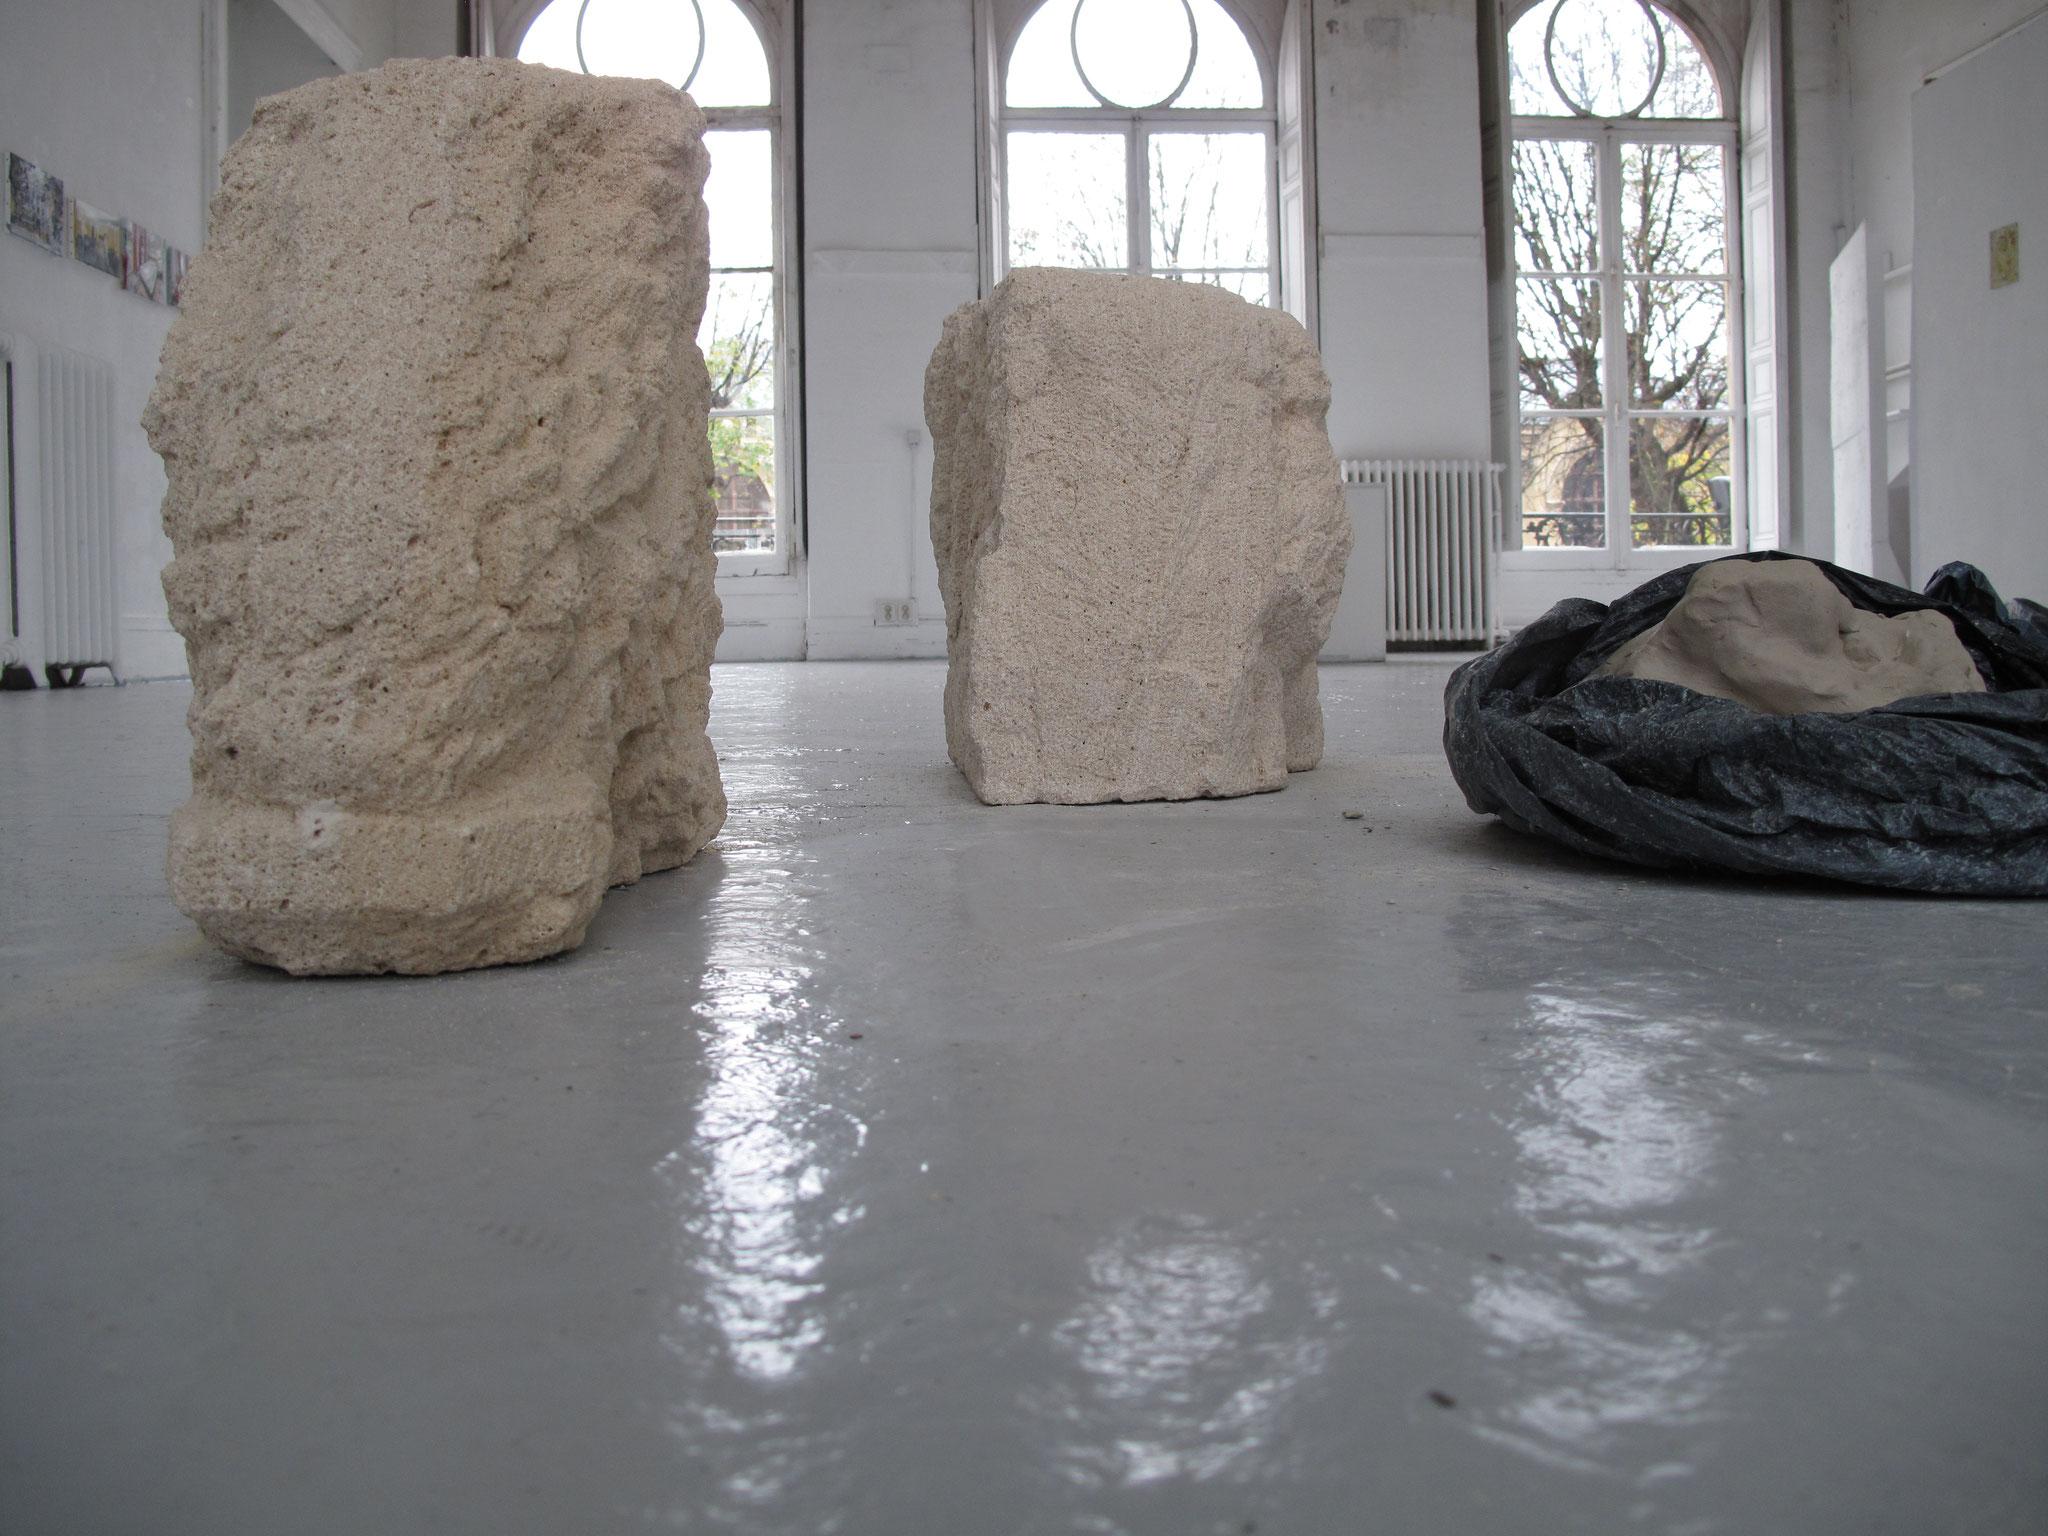 Têtes de chevaux I et II, pierre calcaire, 2015